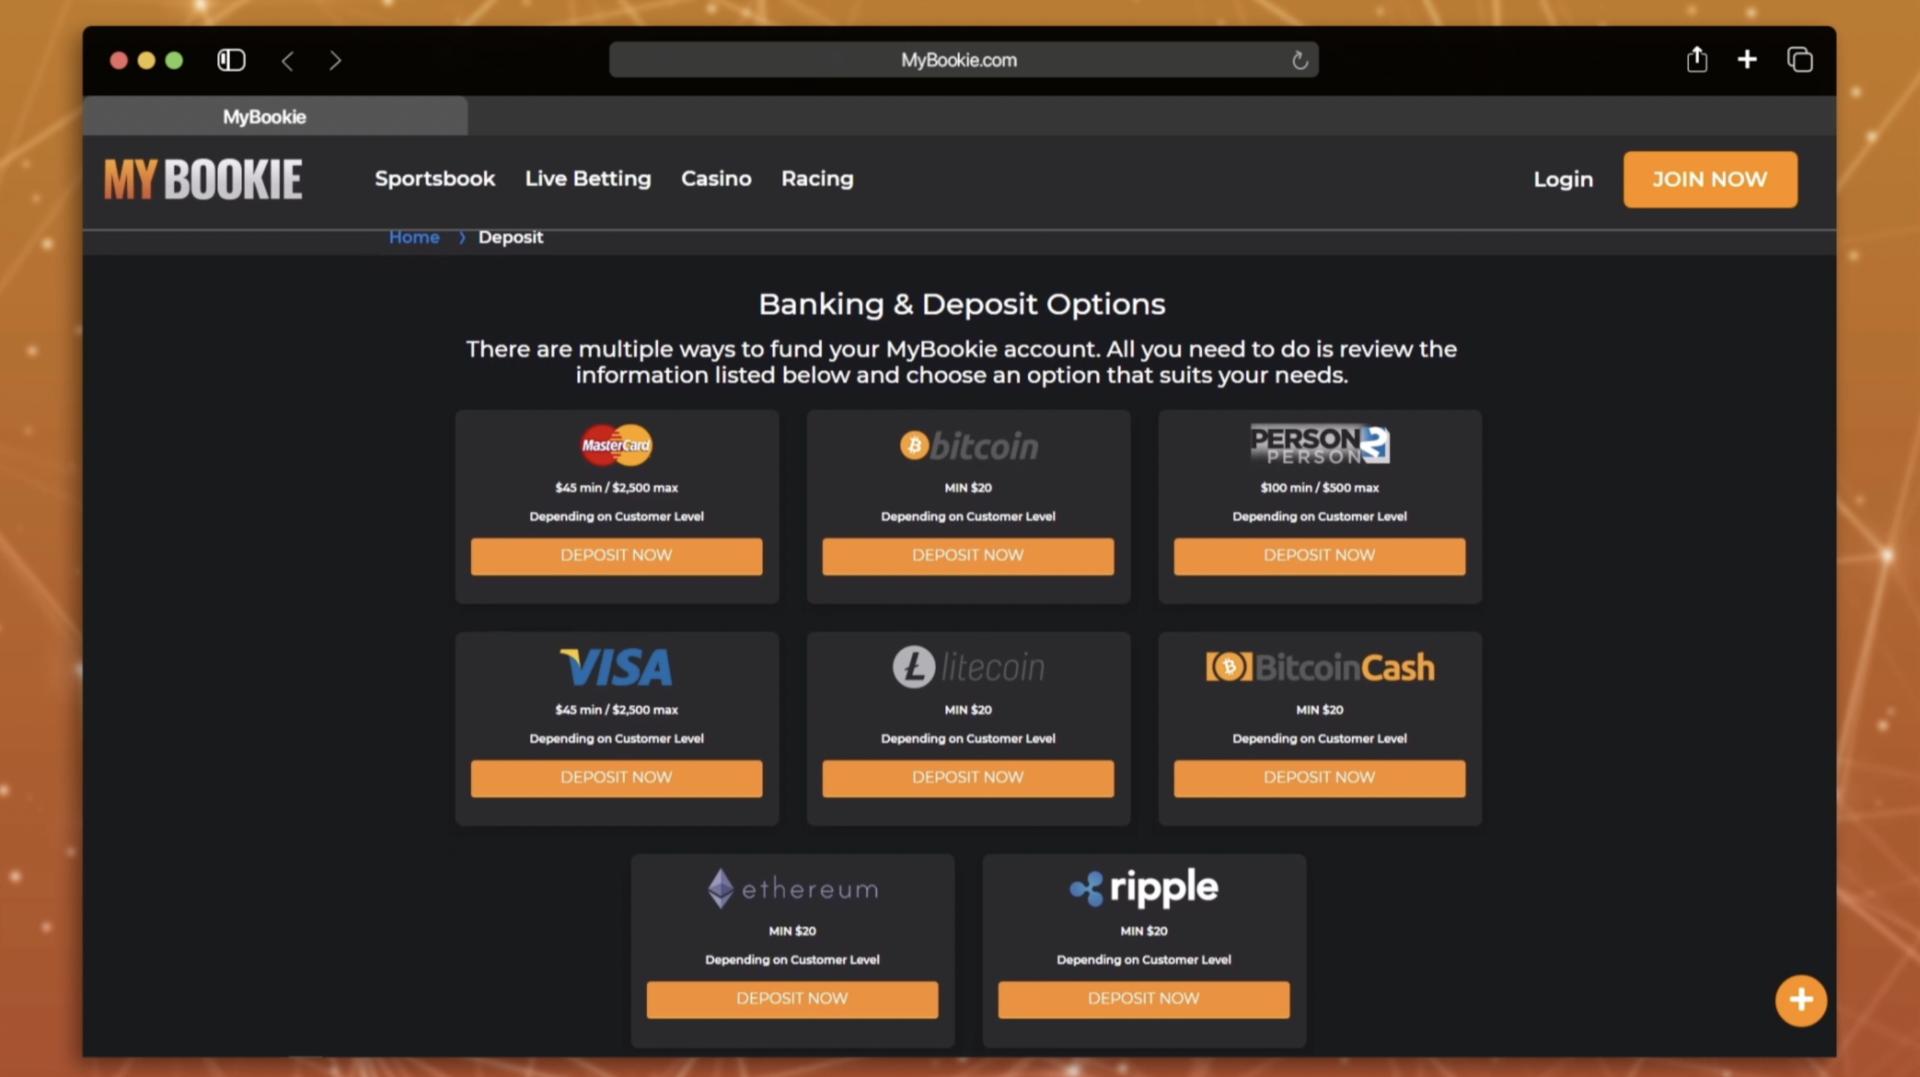 MyBookie deposits withdraws